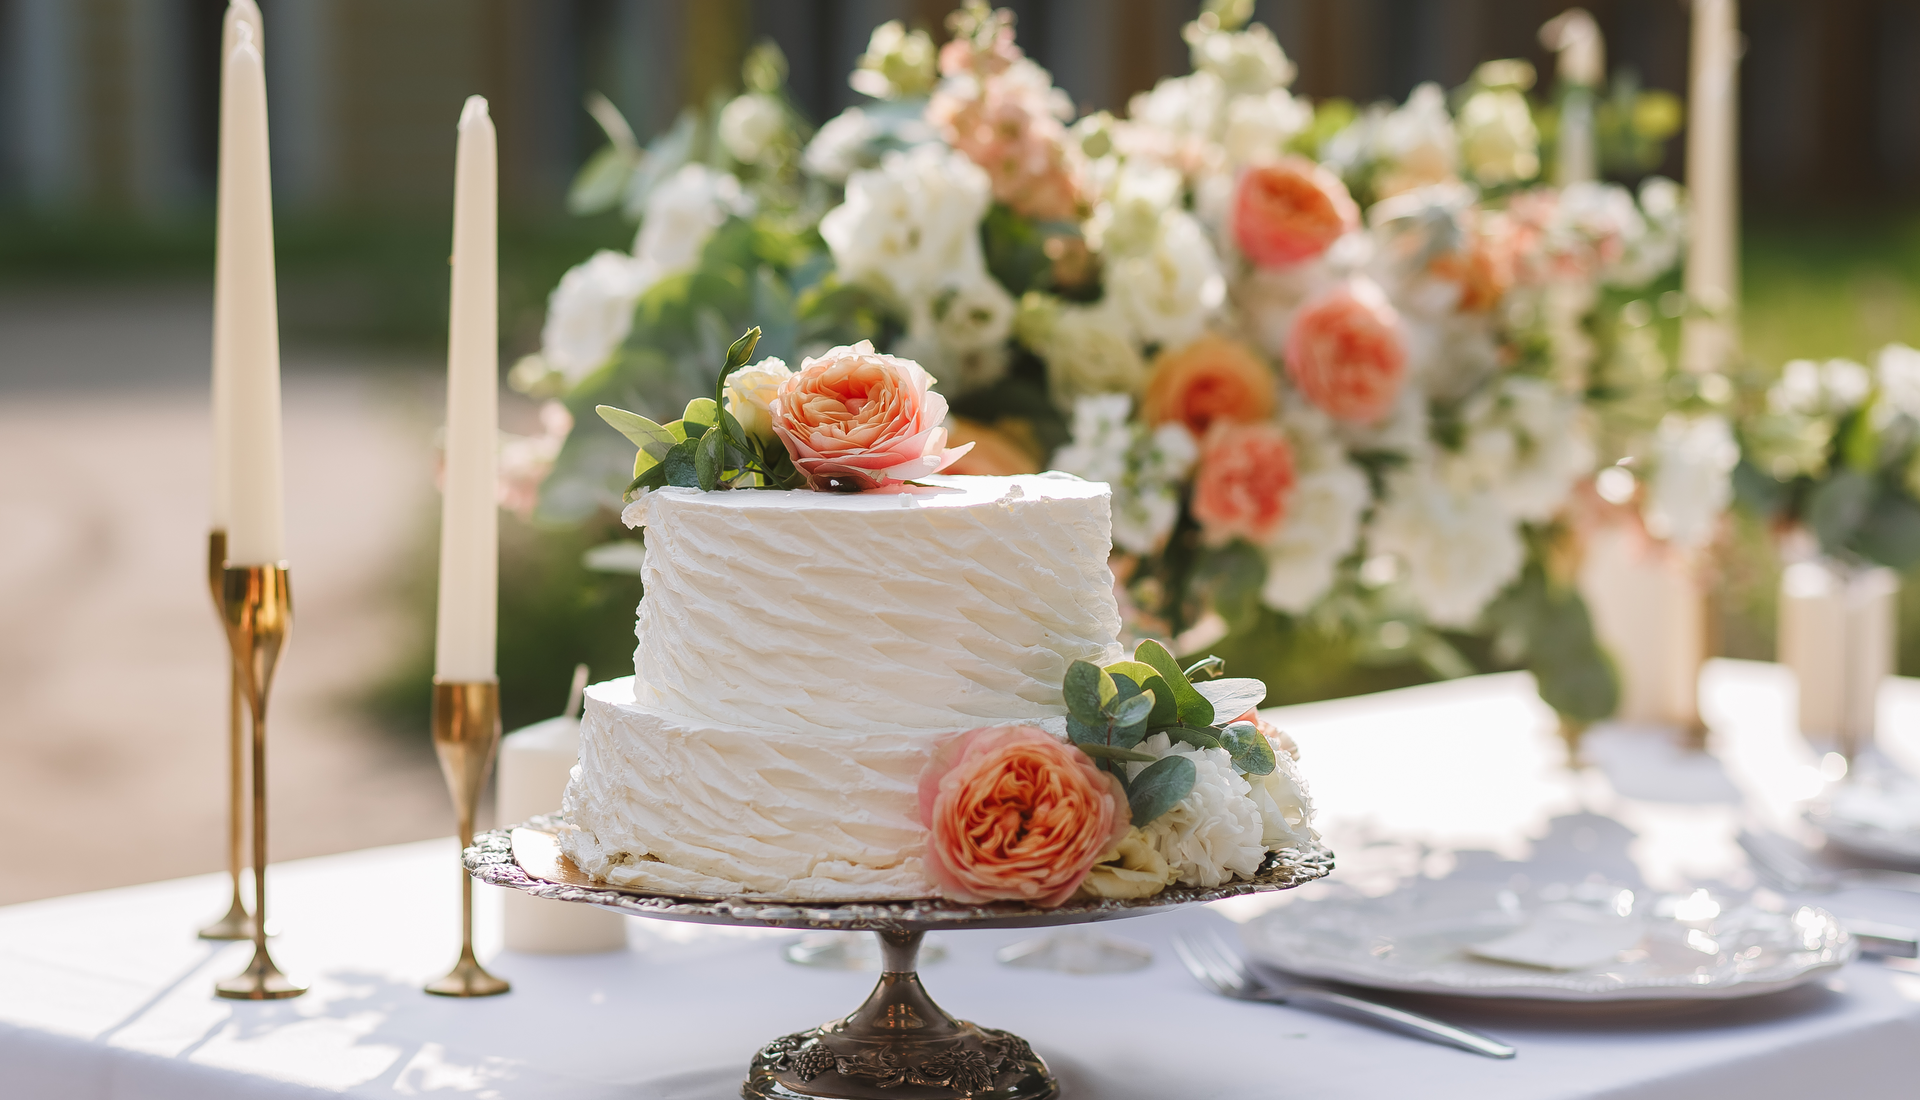 Organisation de mariages gateau de mariage piece montee